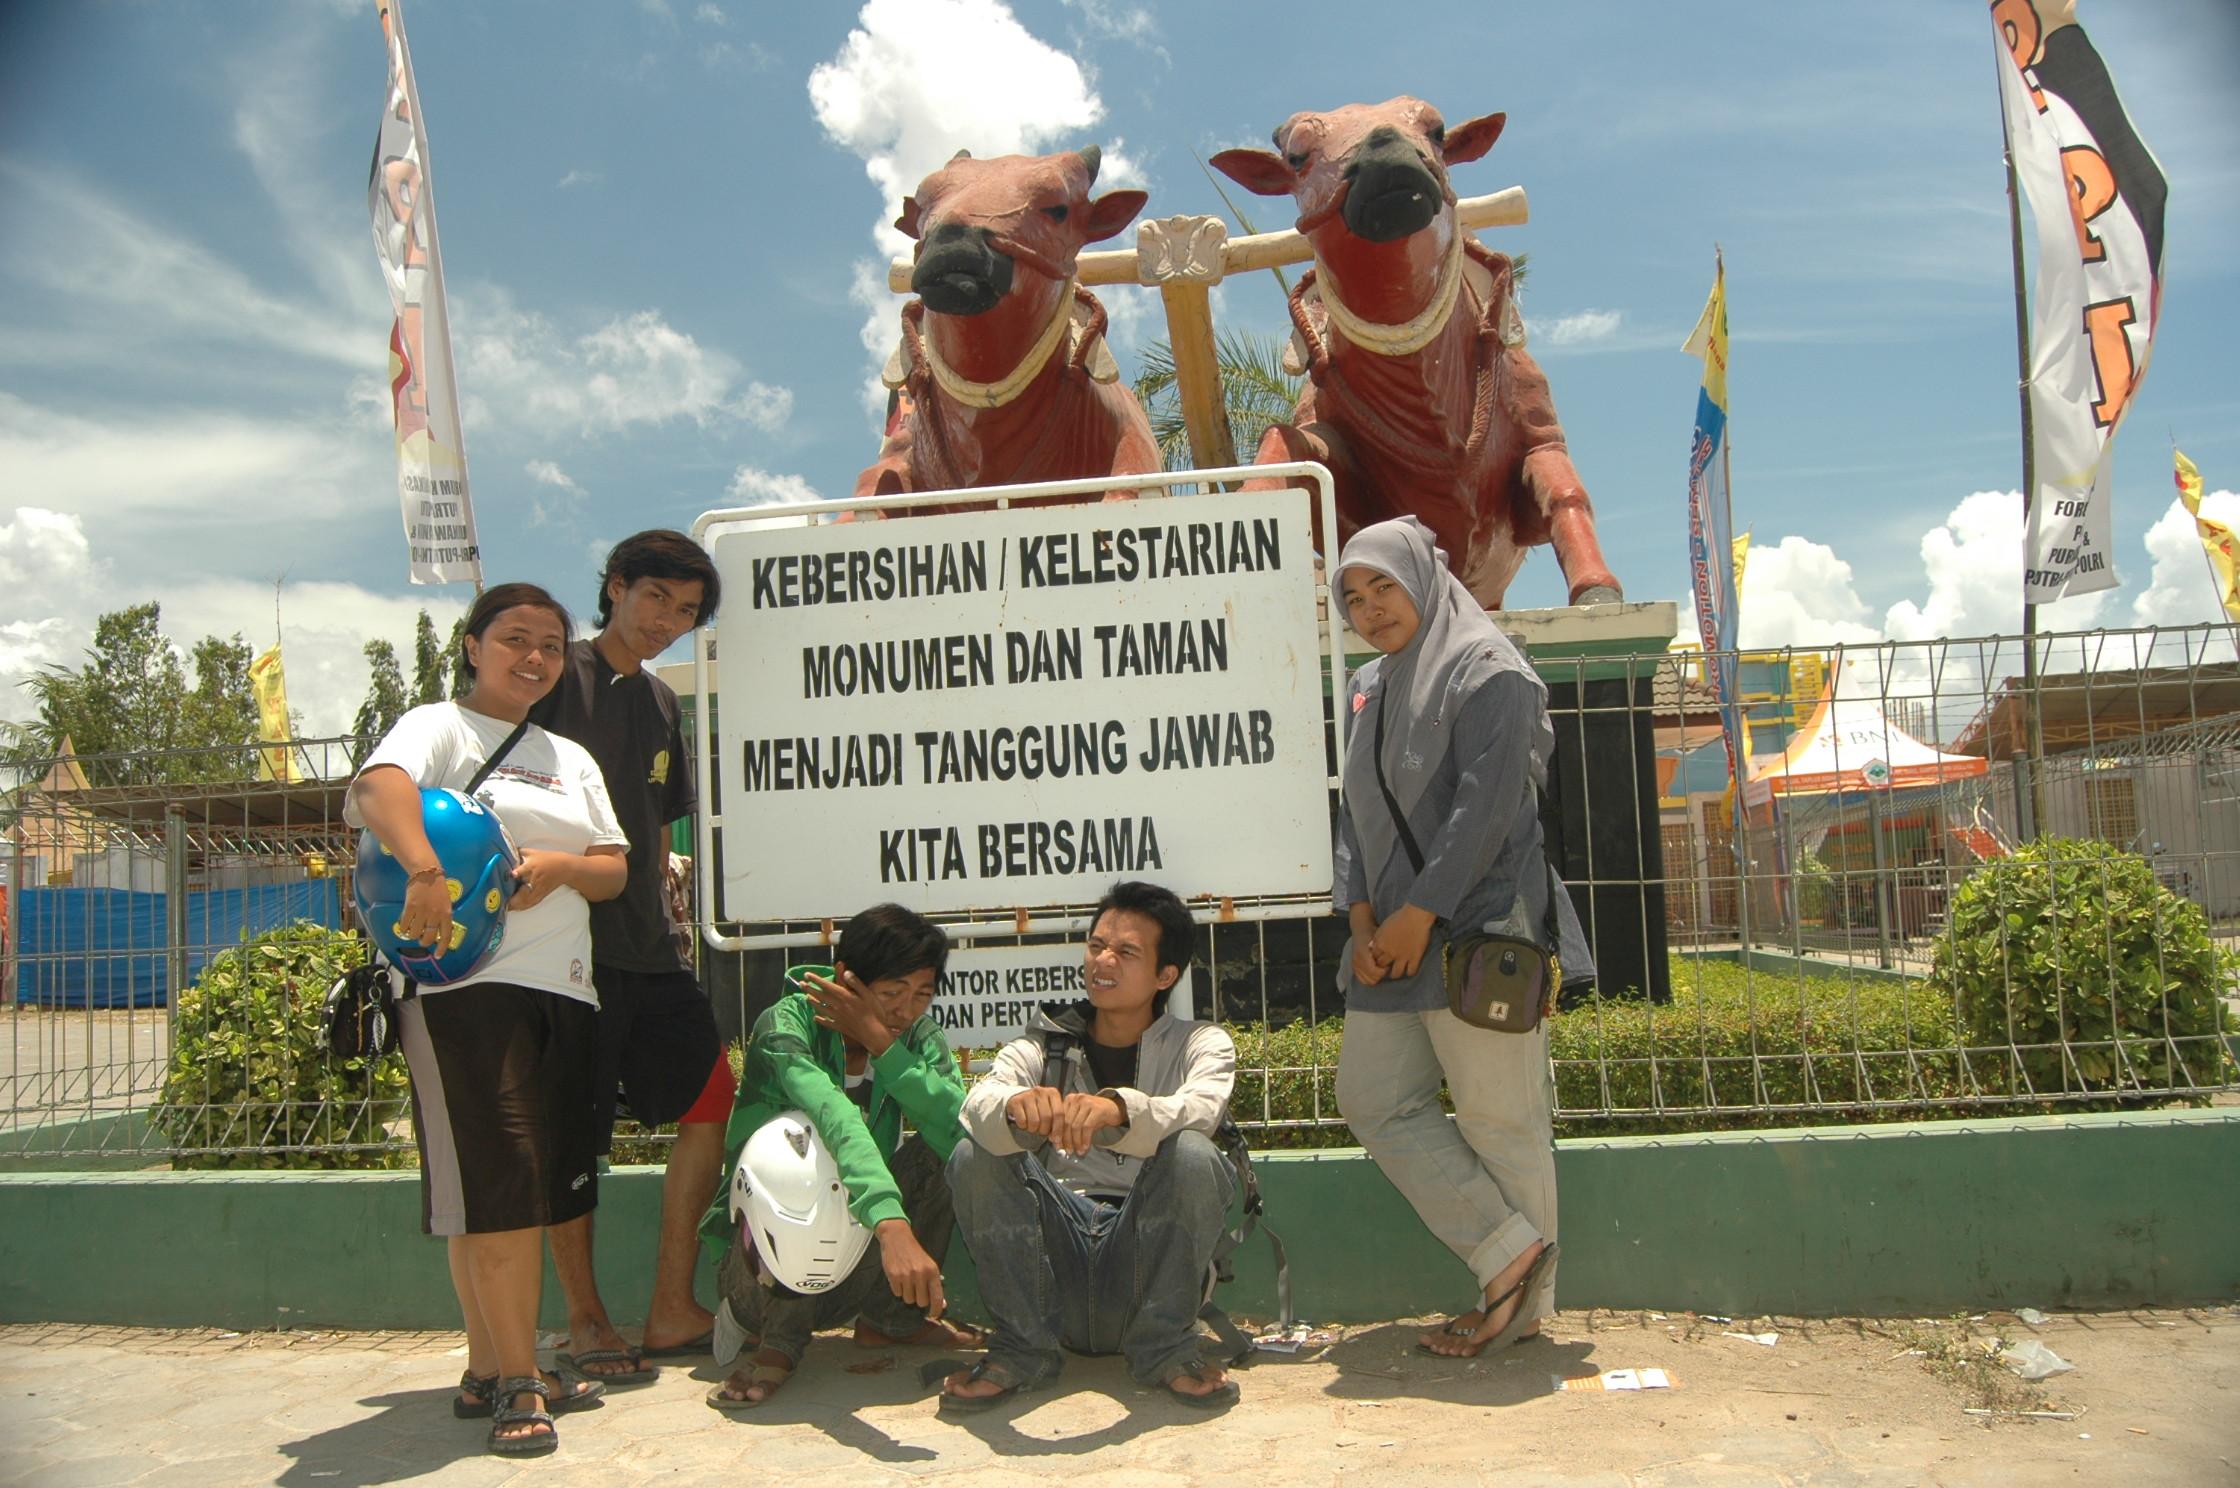 Eksotika Timur Pulau Madura Arifin Ba Nasution Dsc 0329 Menjejakkan